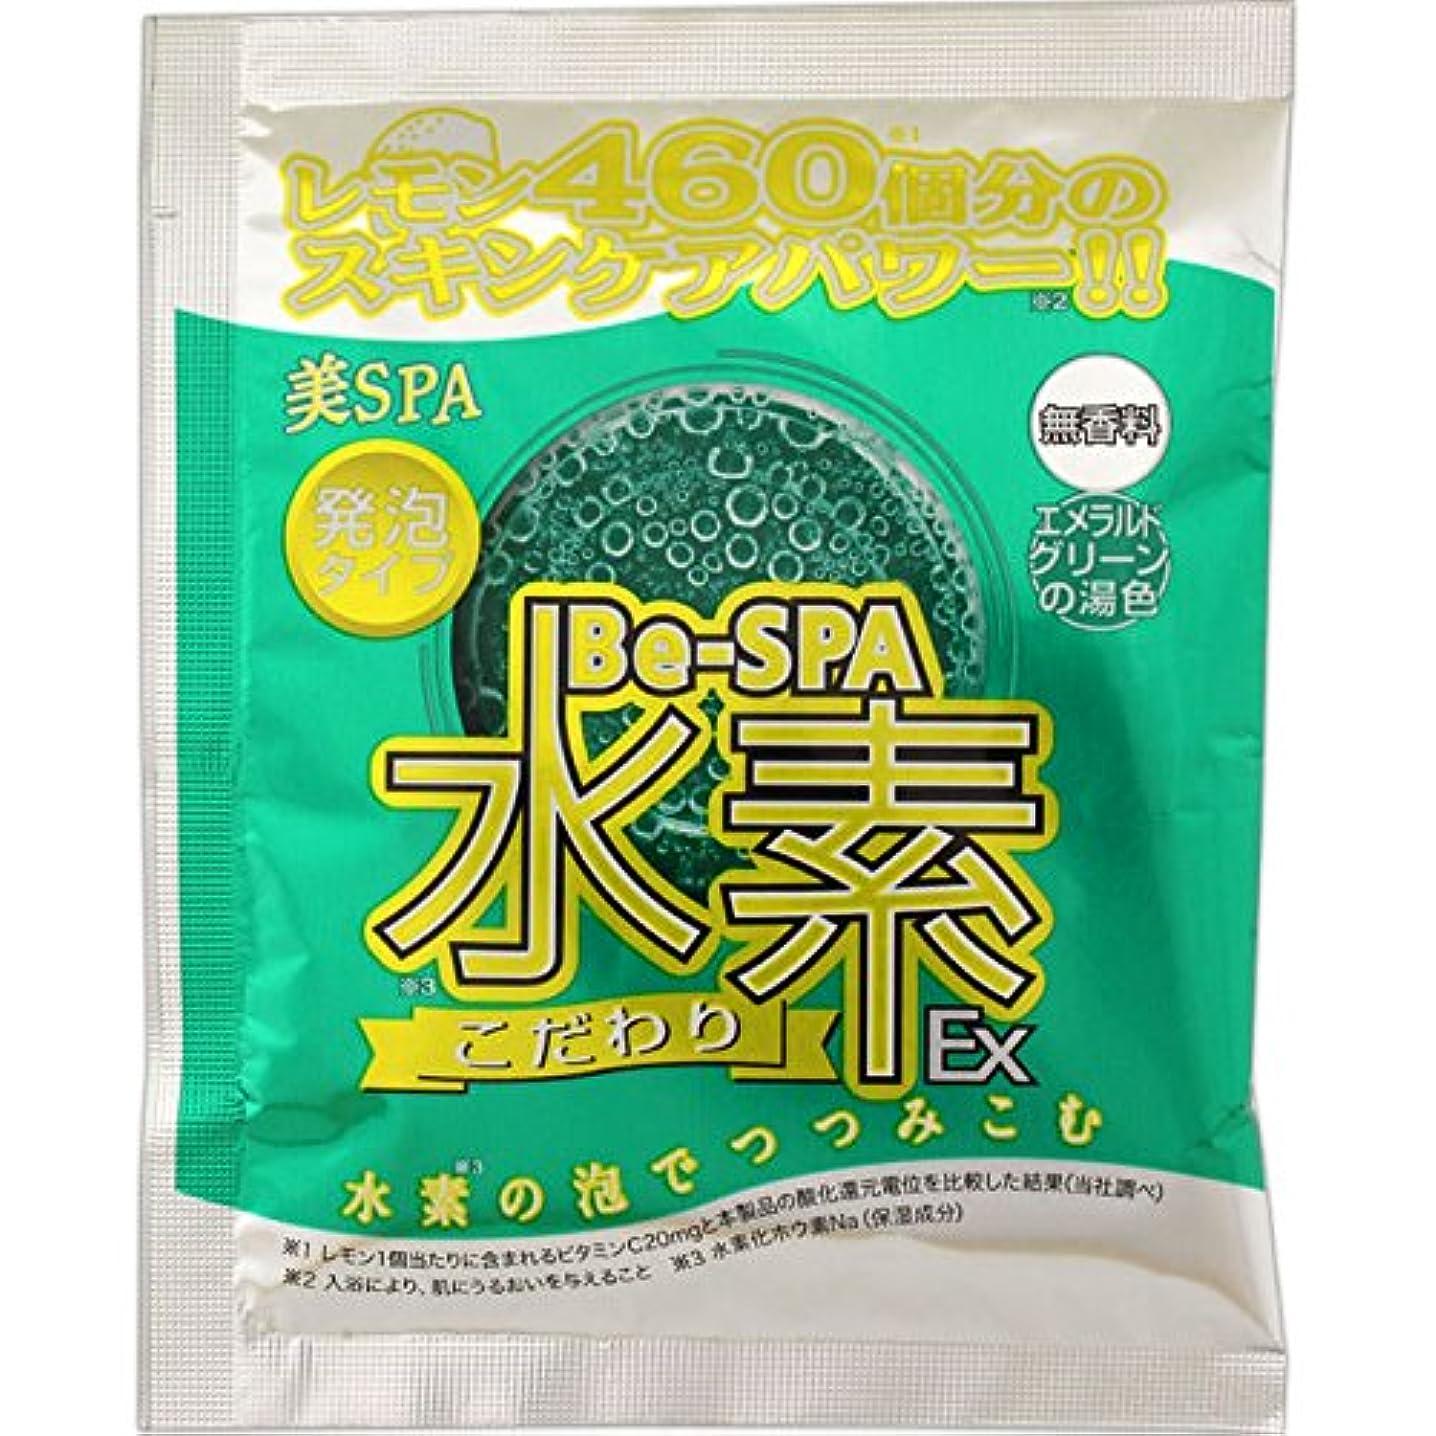 処分した近々好ましい日本生化学 美SPA水素EX エメラルドグリーンの湯色 25g